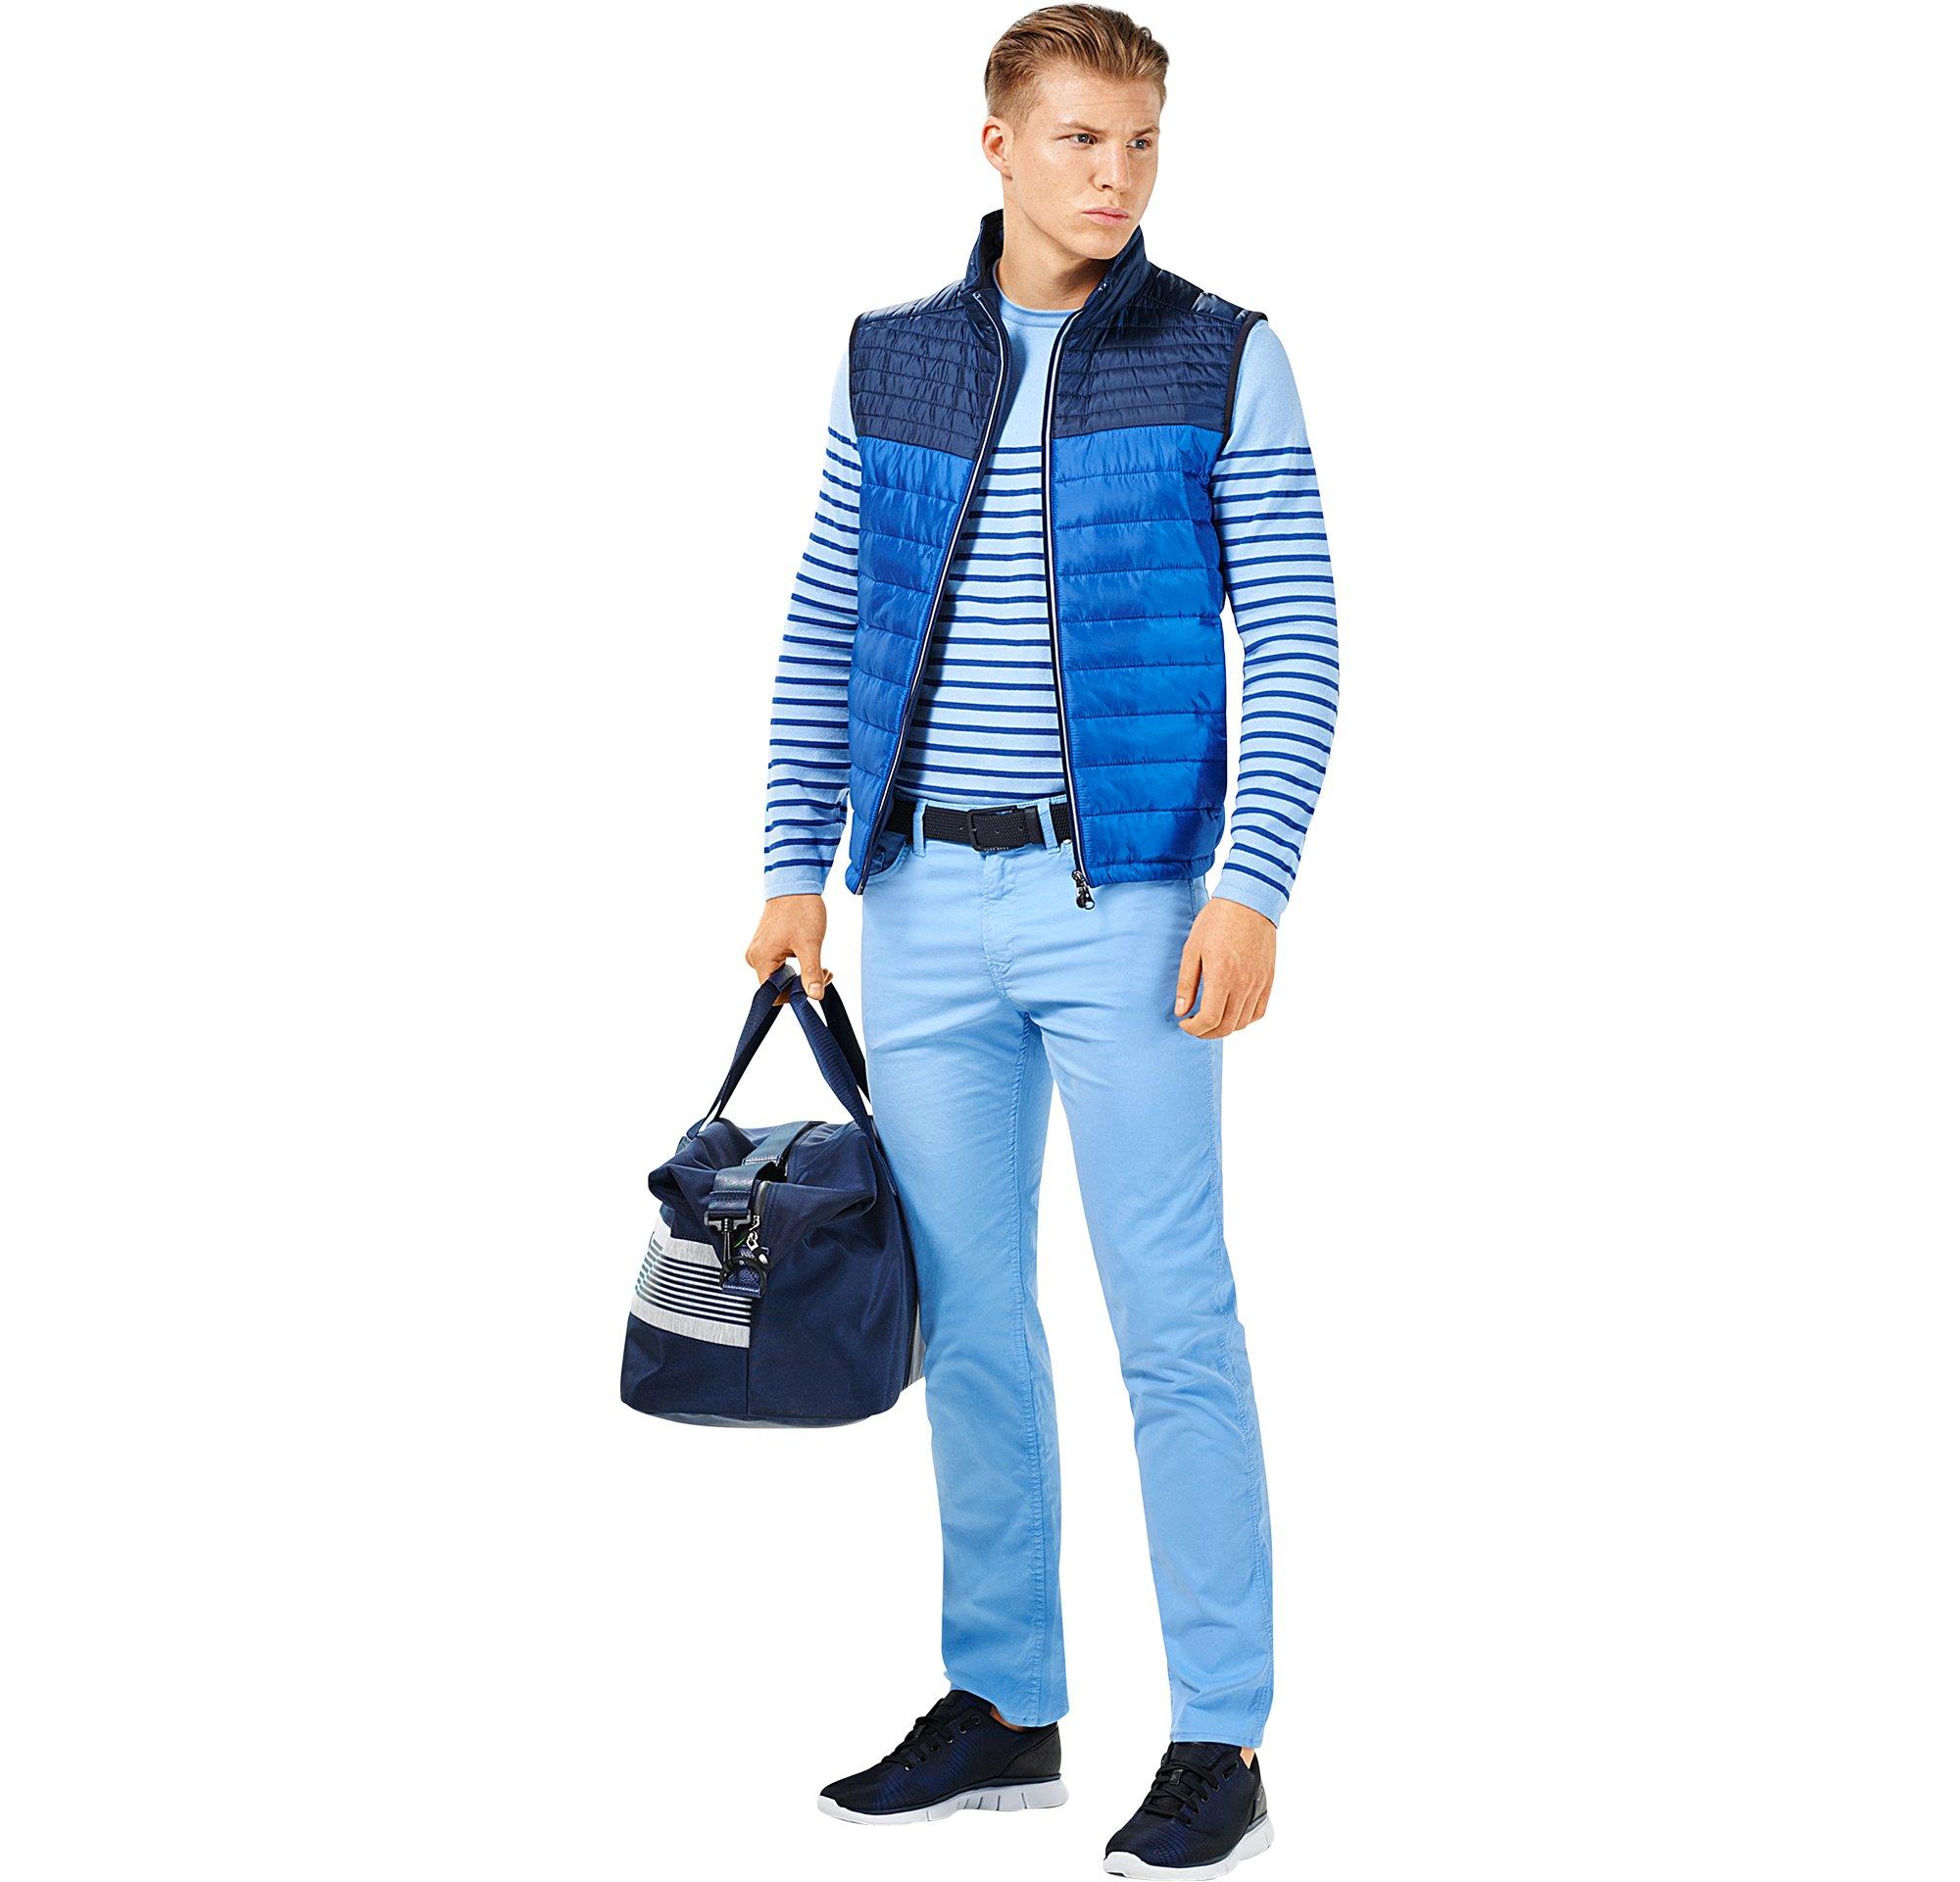 Vêtement d'extérieur, pull en maille, jeans, chaussures et sac BOSS Green Homme